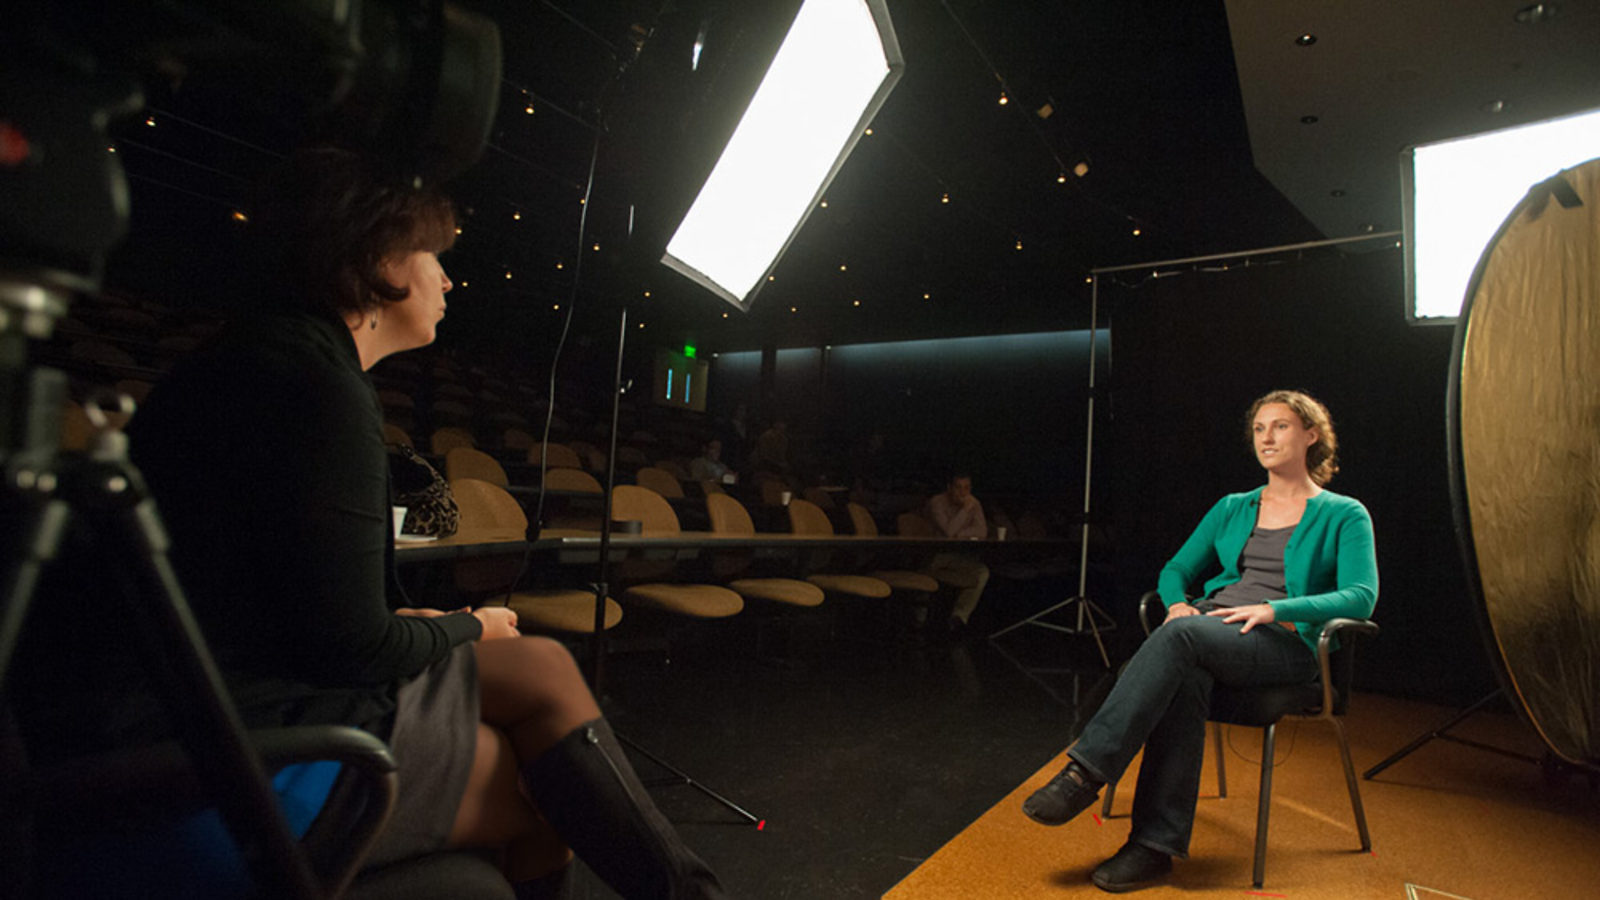 Image: Media training